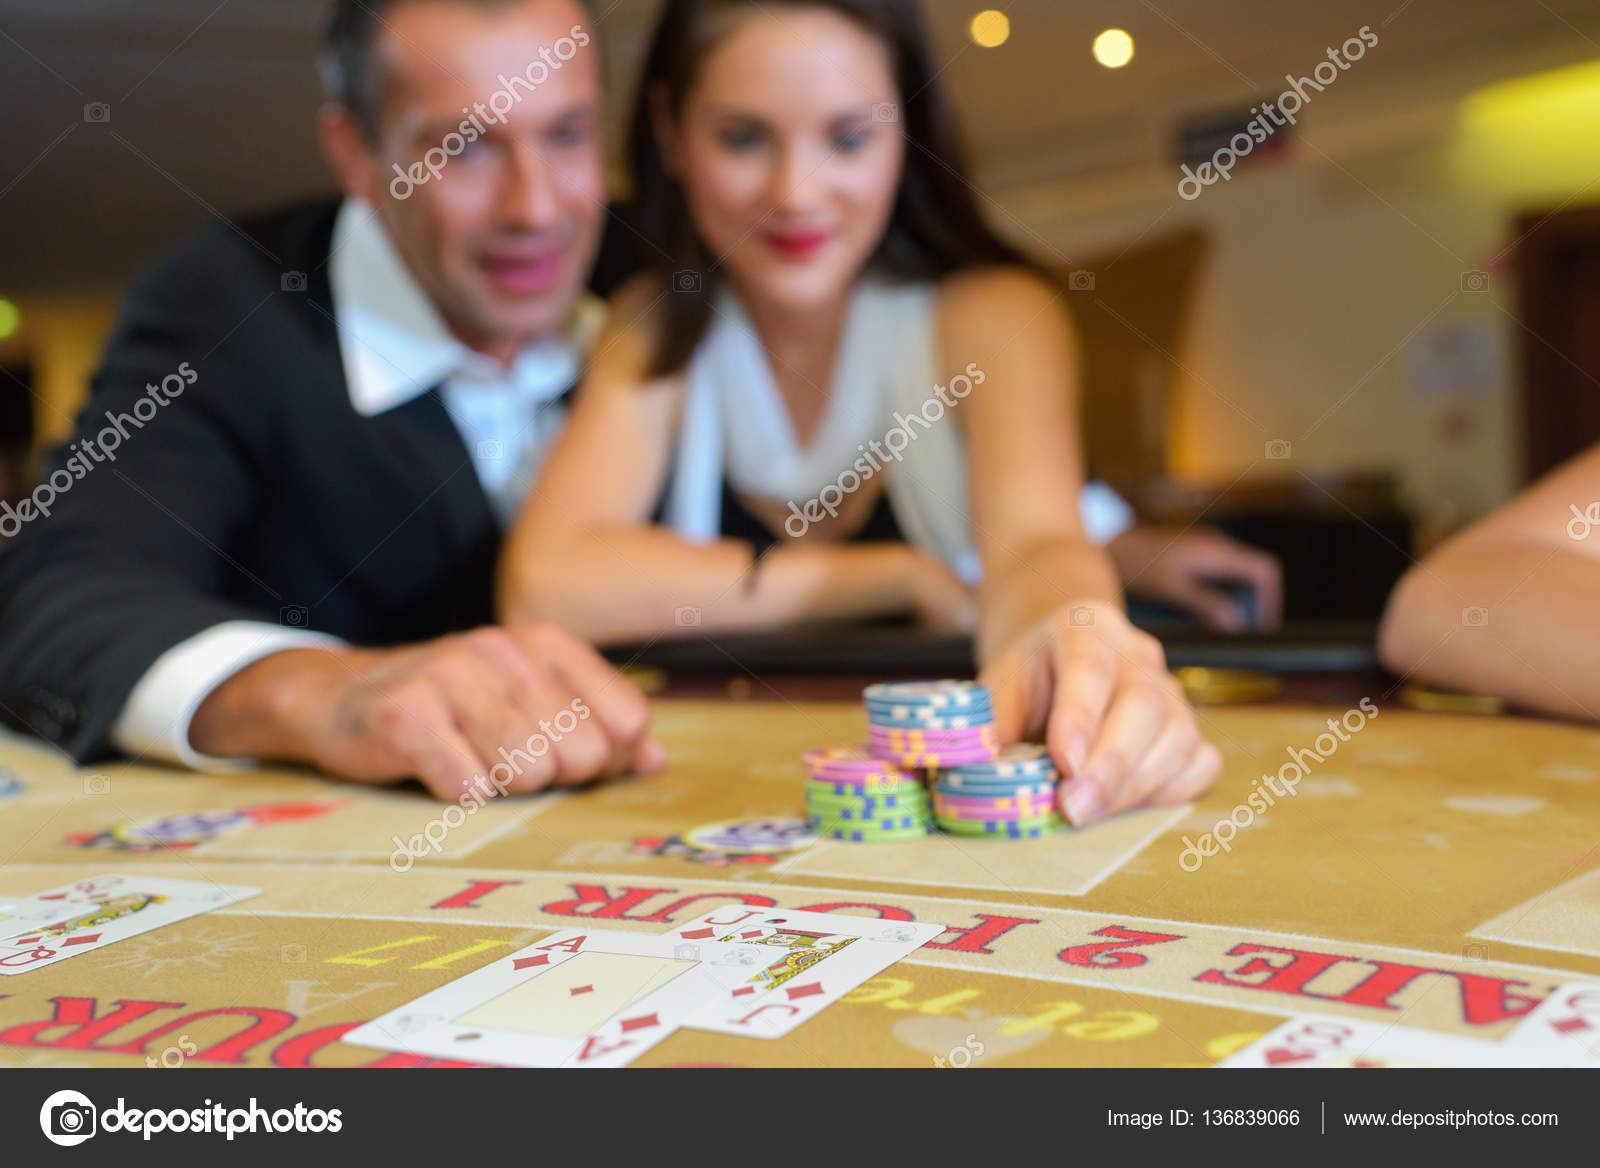 Скачать азартные игры для взрослых скачать игровые автоматы gaminator на компьютер бесплатно через торрент